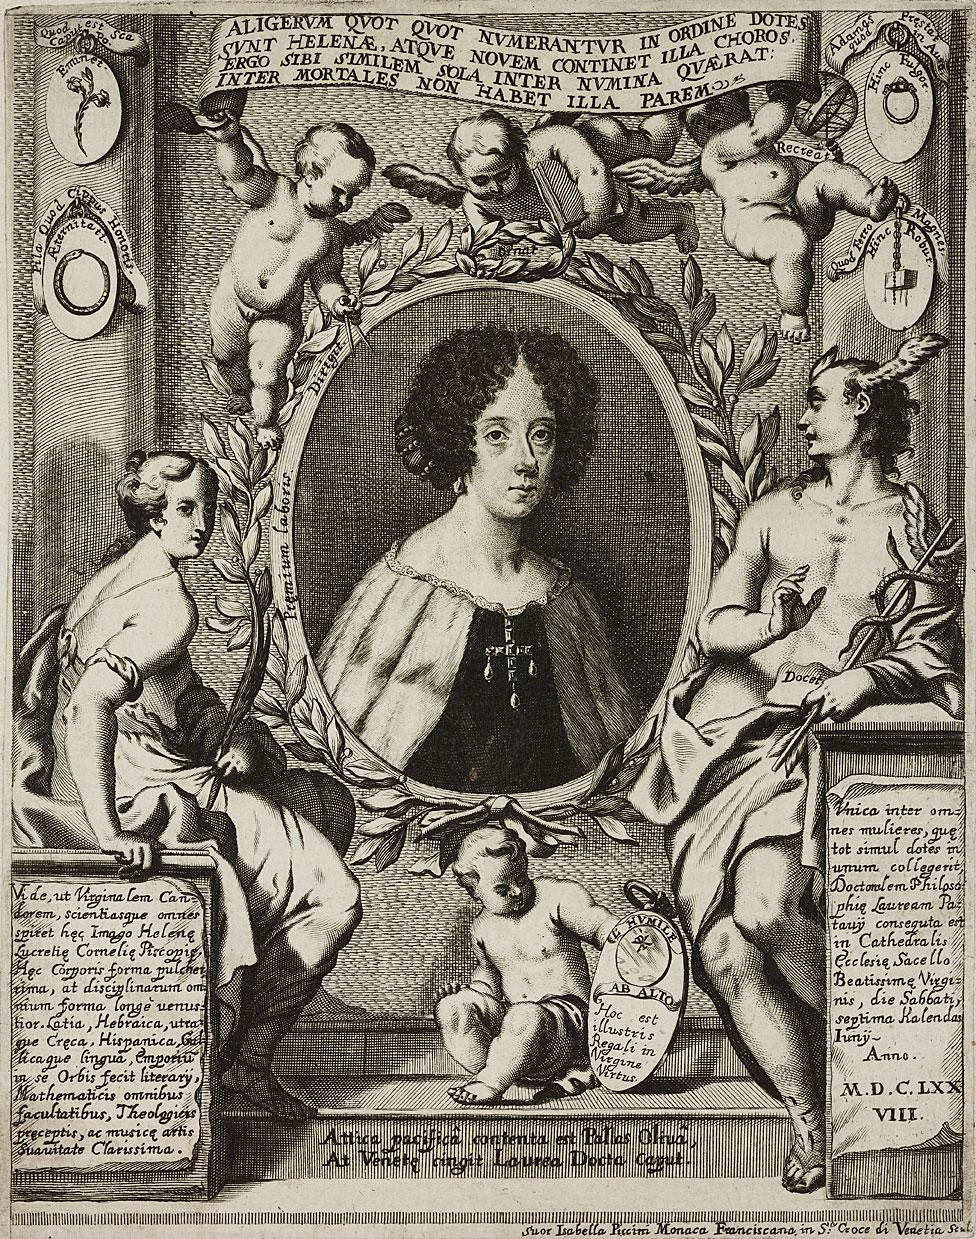 Retrato de Elena Lucrezia Cornaro Piscopia (1646-1684), erudita italiana, grabado de Isabella Piccini, de La Conchiglia celeste (La concha celestial), de Giovanni Battista Fabri, 1690, Venecia.